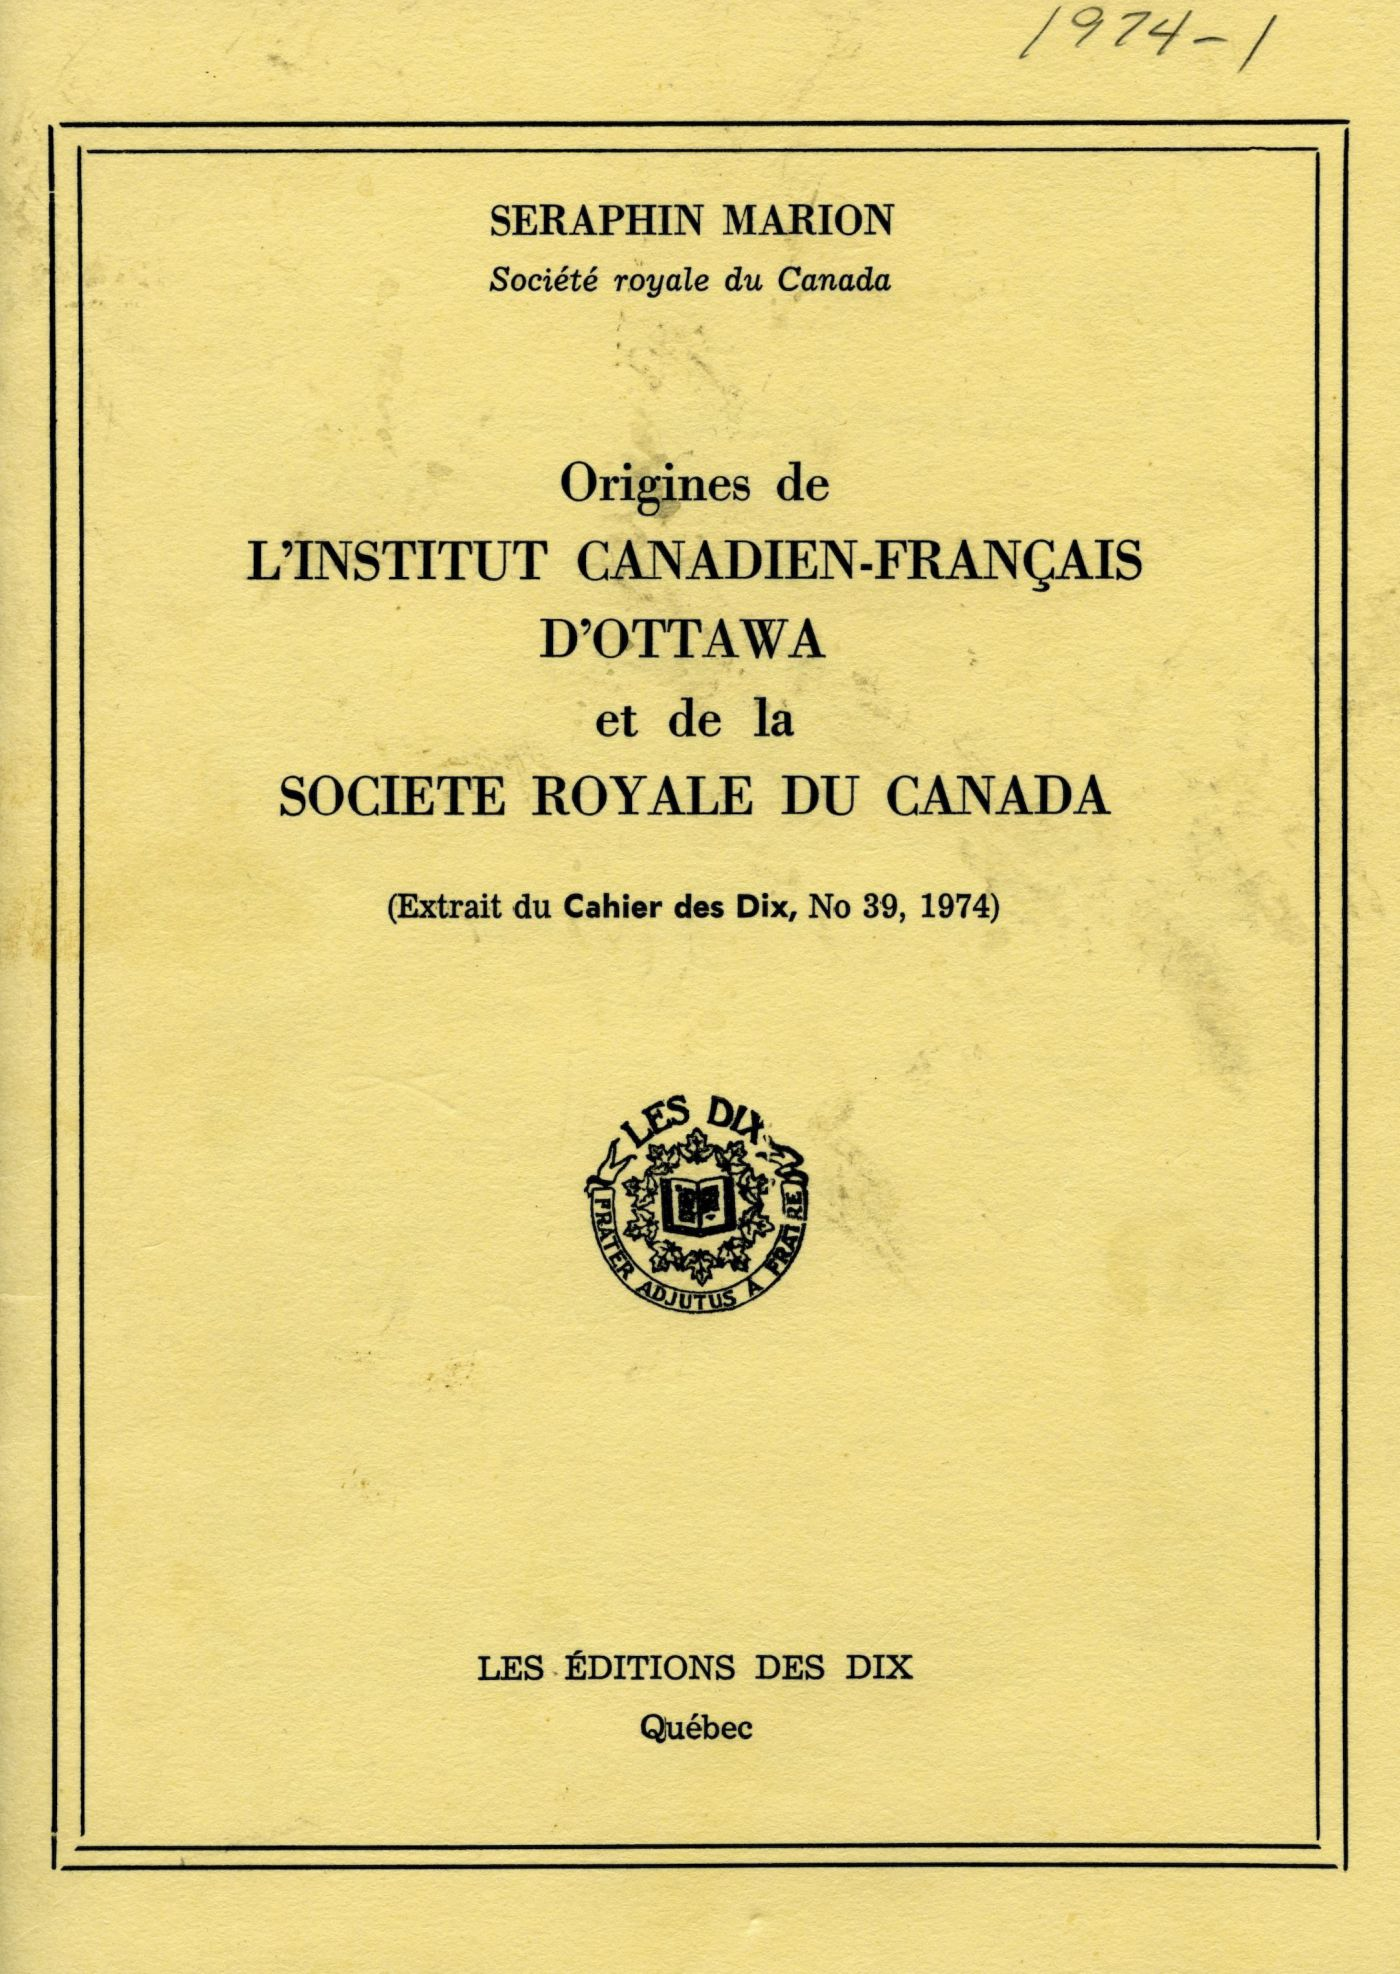 Page couverture d'un imprimé en français sur carton jaune. Le nom de l'auteur figure en haut de la page. Le titre de l'ouvrage est en lettres majuscules au centre de la page. Suivent les armoiries des Dix, le nom de la maison d'édition et le lieu d'édition.